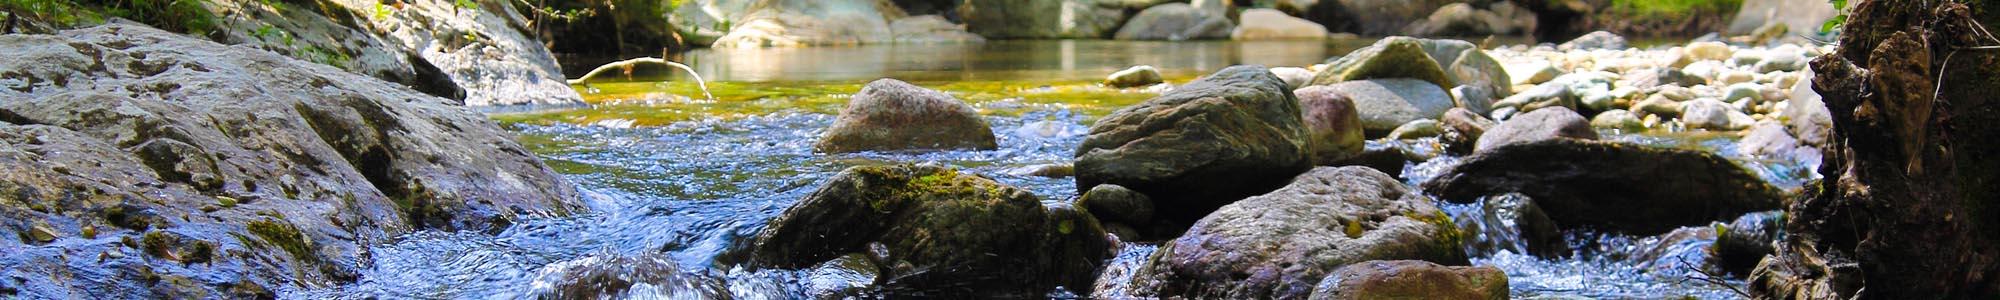 riviere corse cours d eau